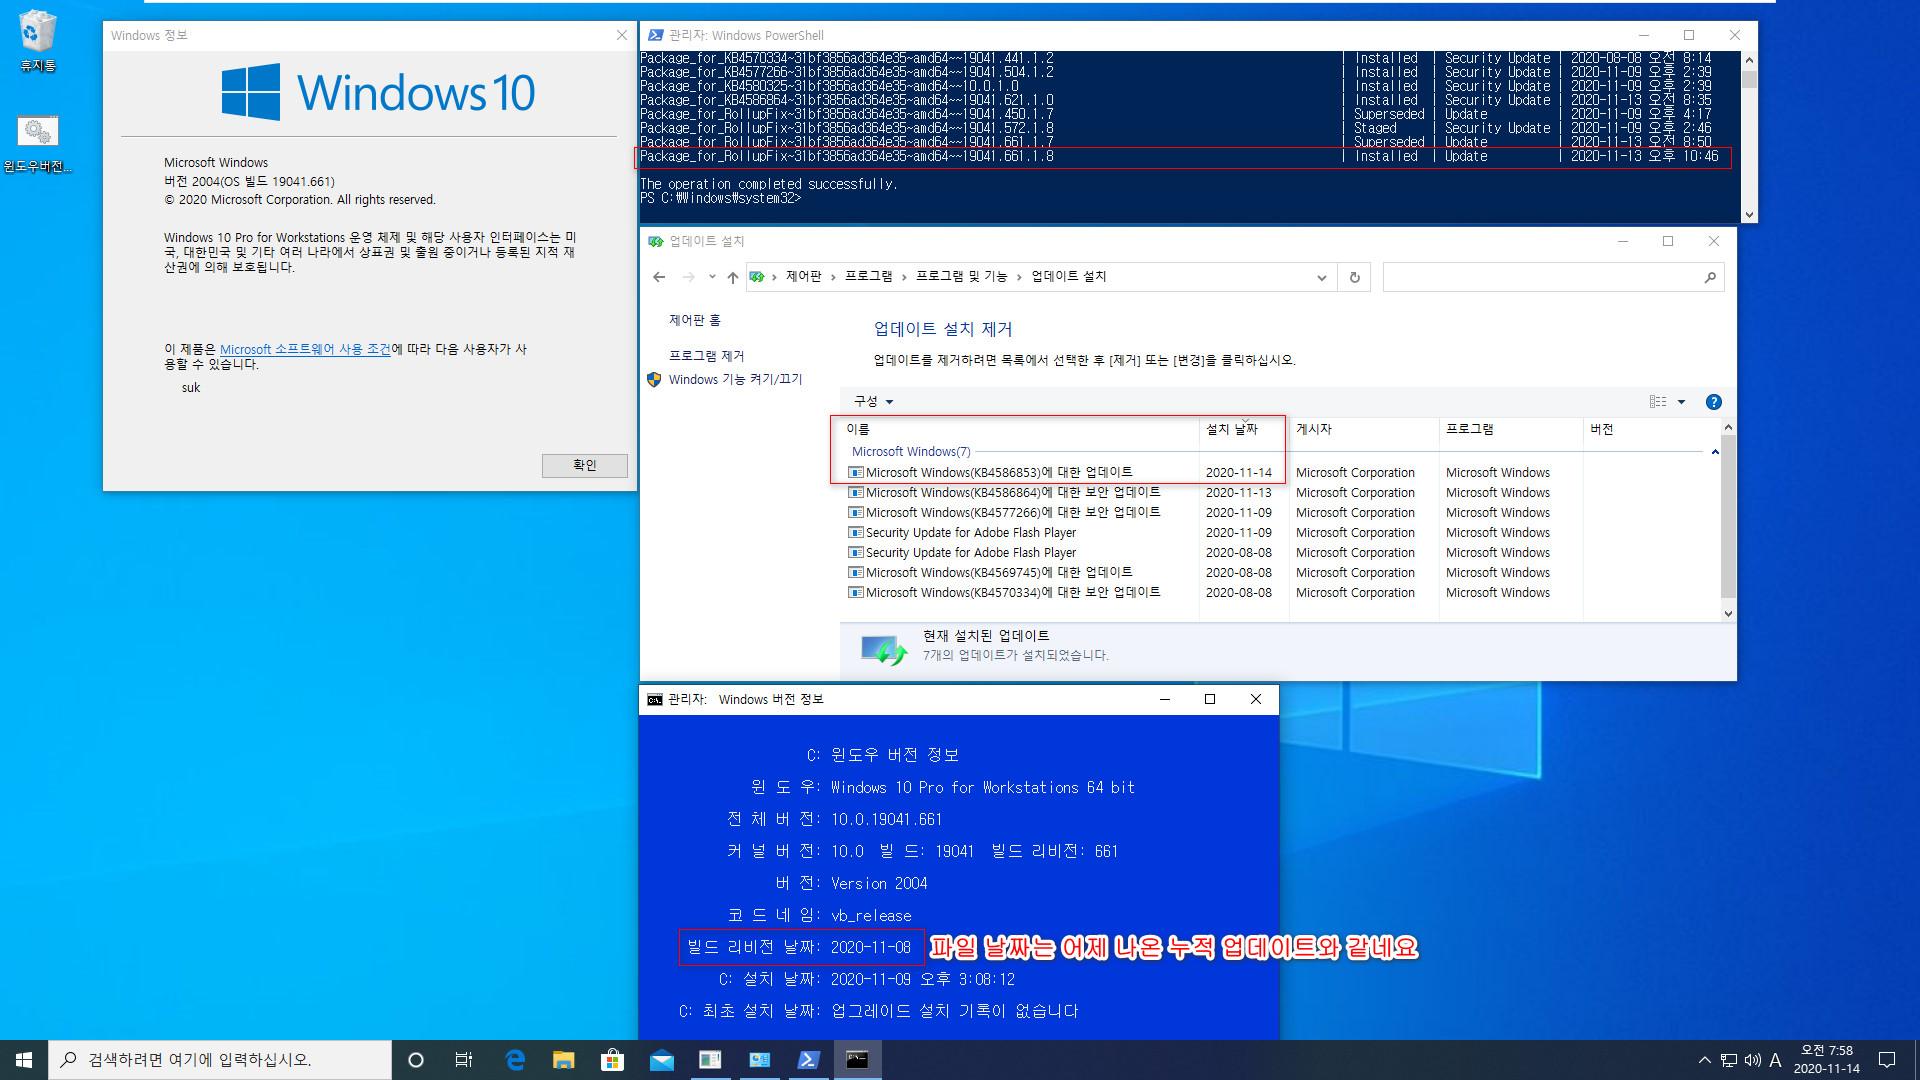 2020-11-14 토요일 [프리뷰] Windows 10 버전 2004 + 버전 20H2 누적 업데이트 KB4586853 (OS 빌드 19041.661 + 19042.661) v2 - vmware에 설치 테스트 2020-11-14_075836.jpg